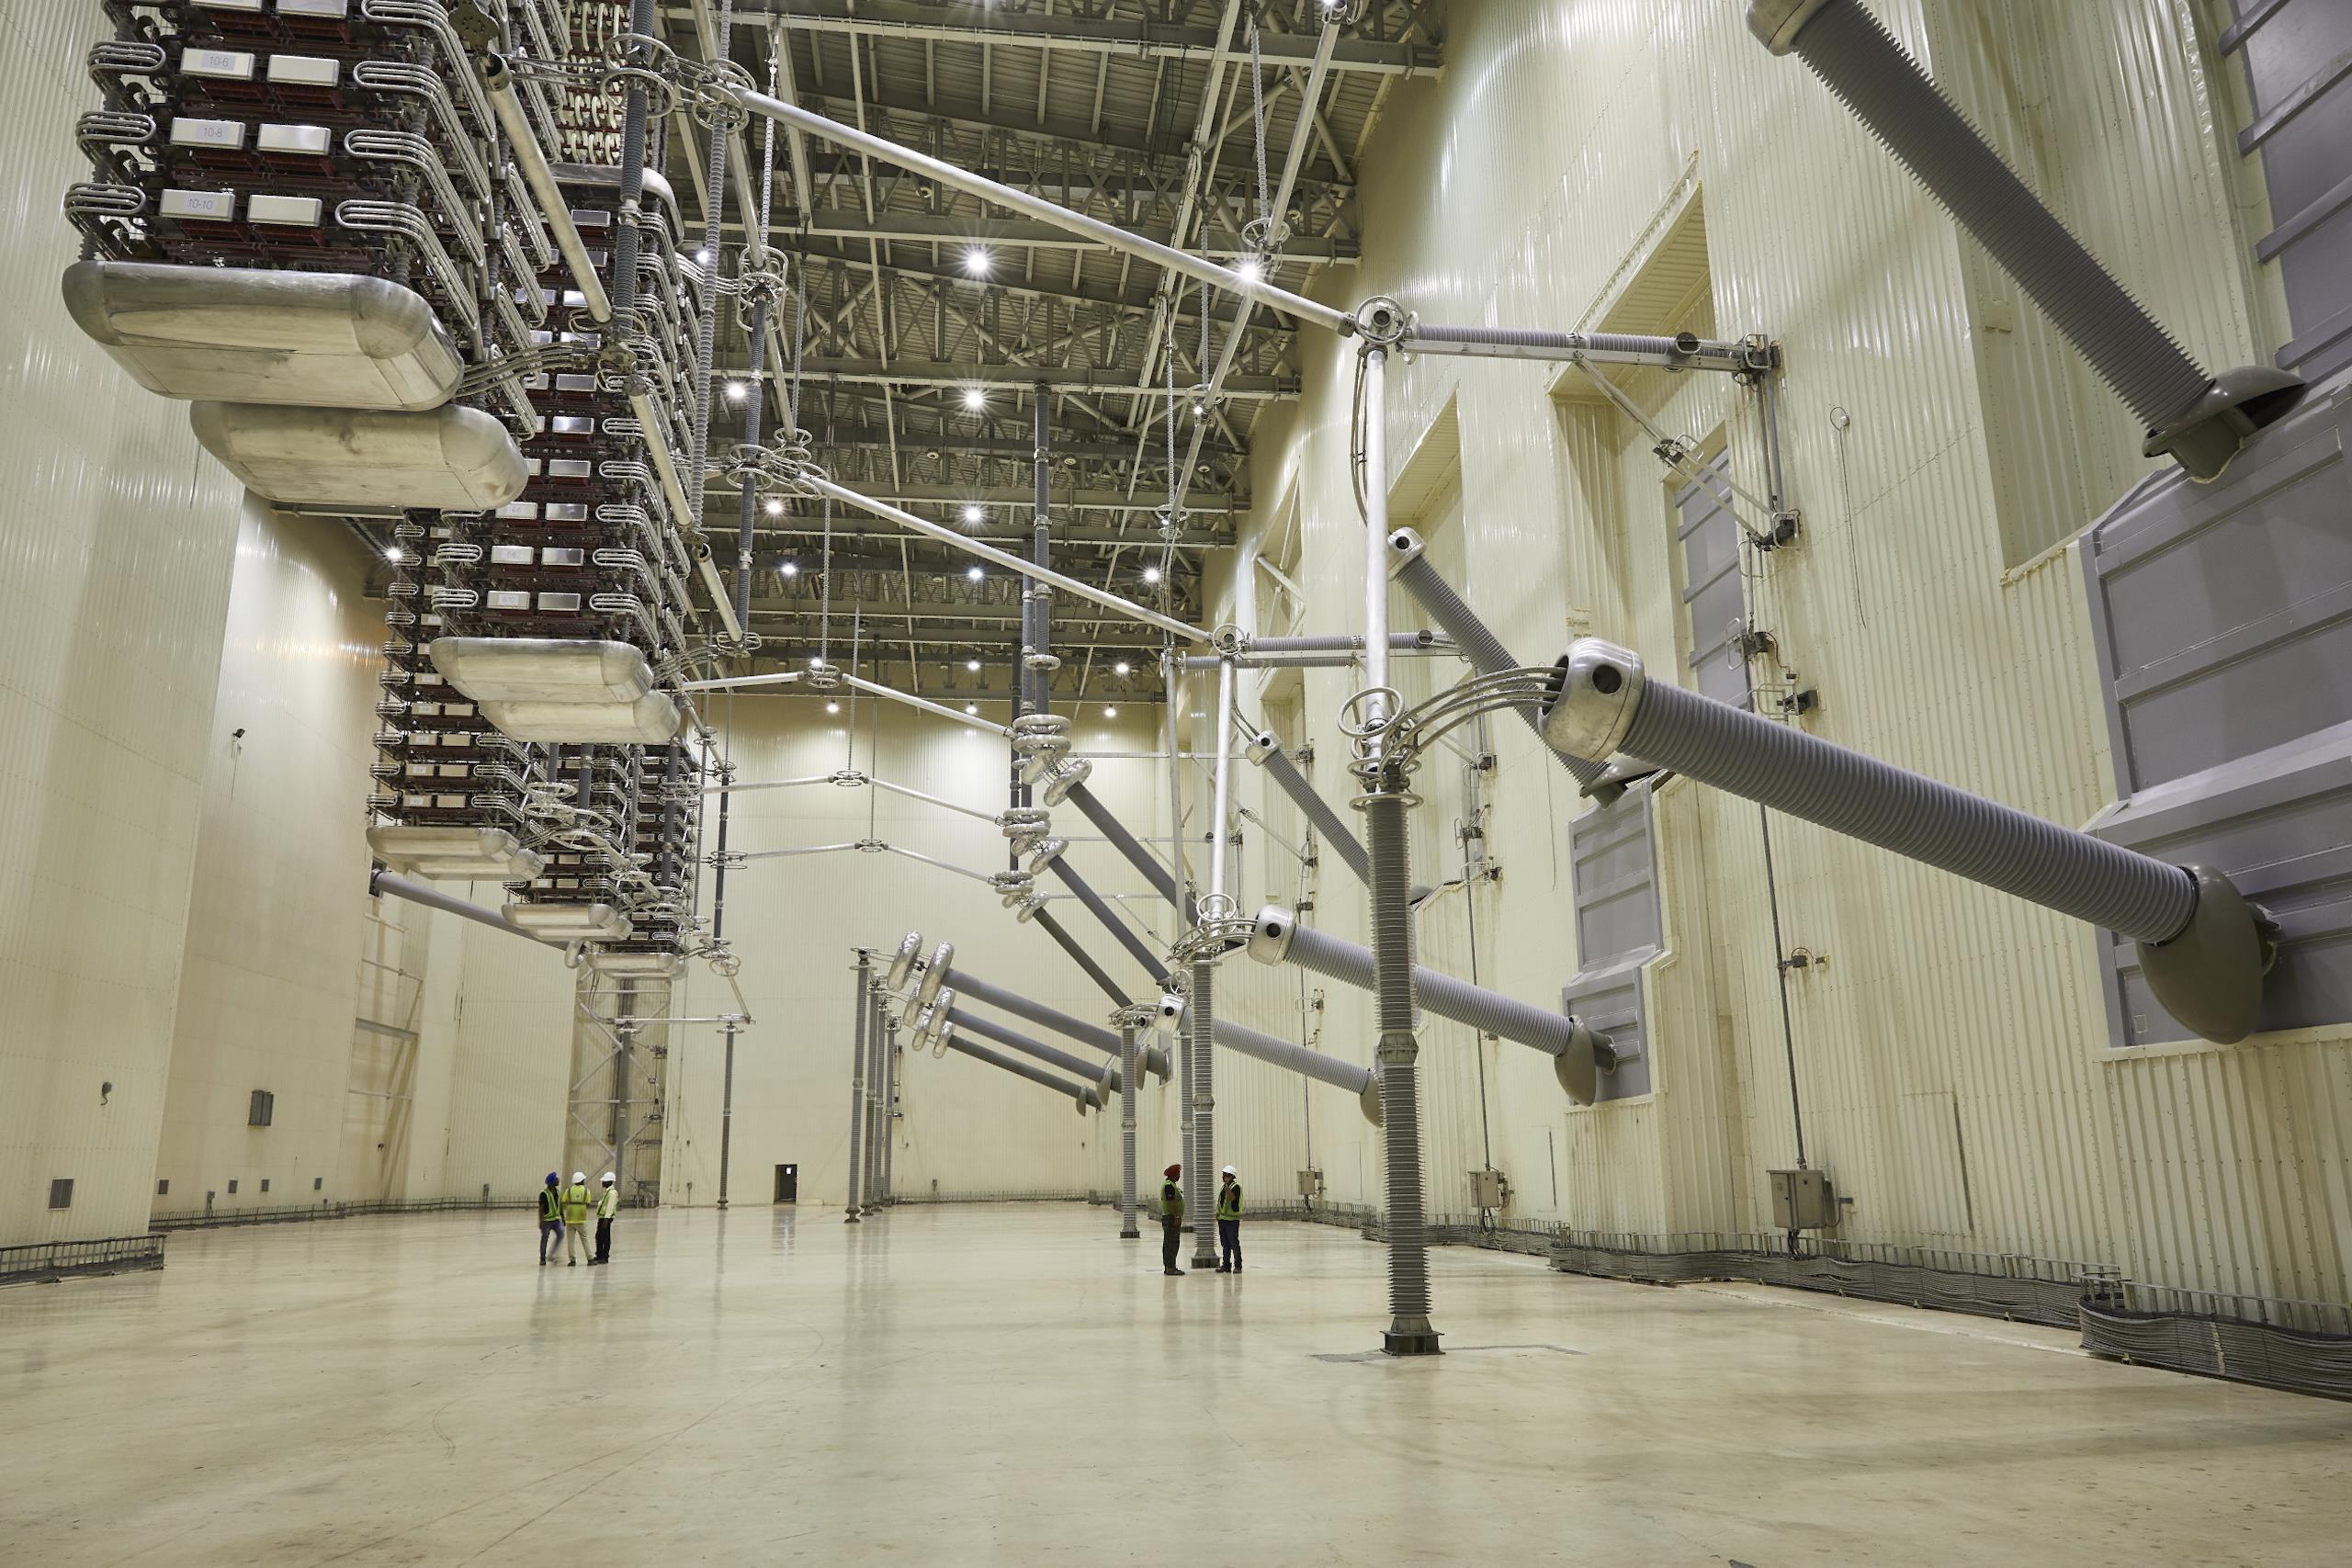 到2023年全球输配电设备需求将达1720亿美金